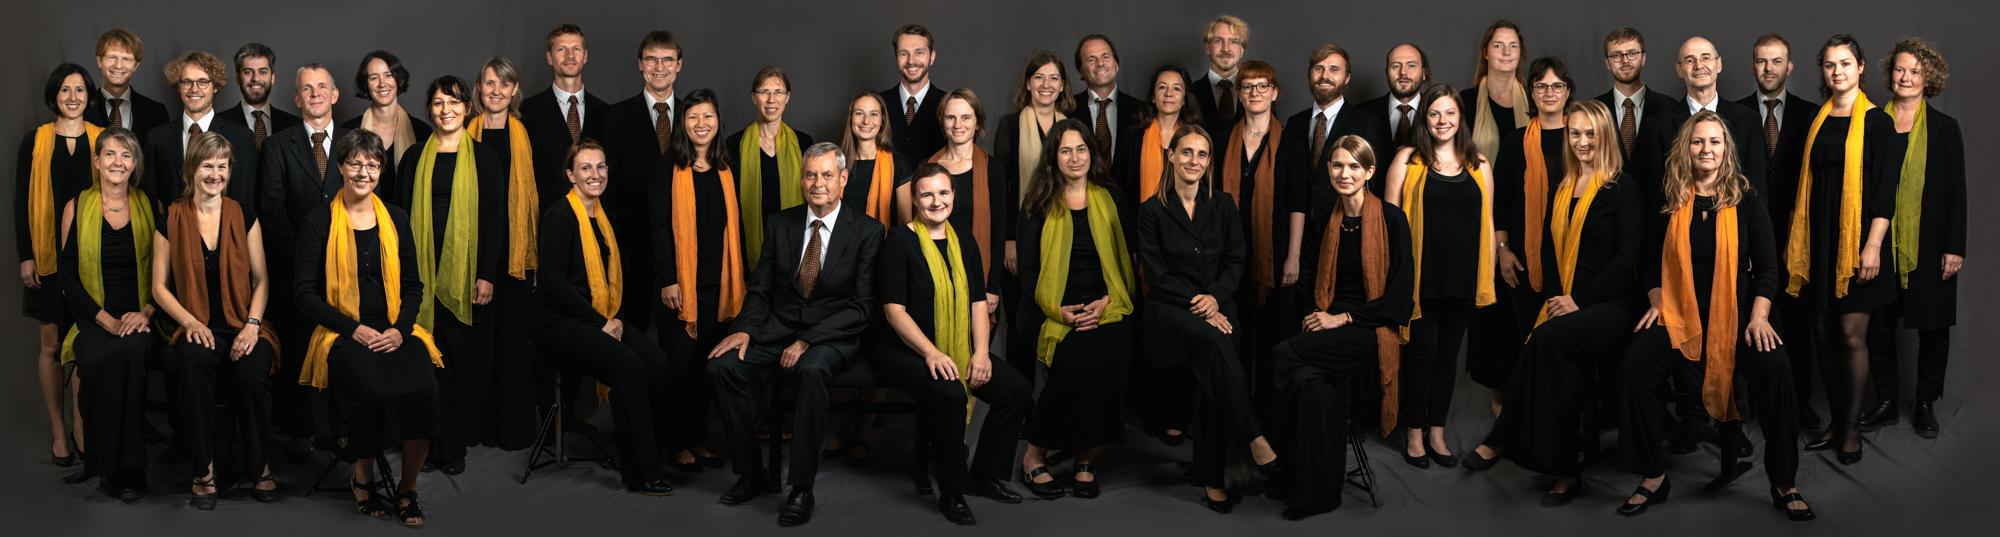 Kammerchor Pesterwitz 2019 | Foto: Victoria Belikova Fotografie | www.victoriabelikova.de